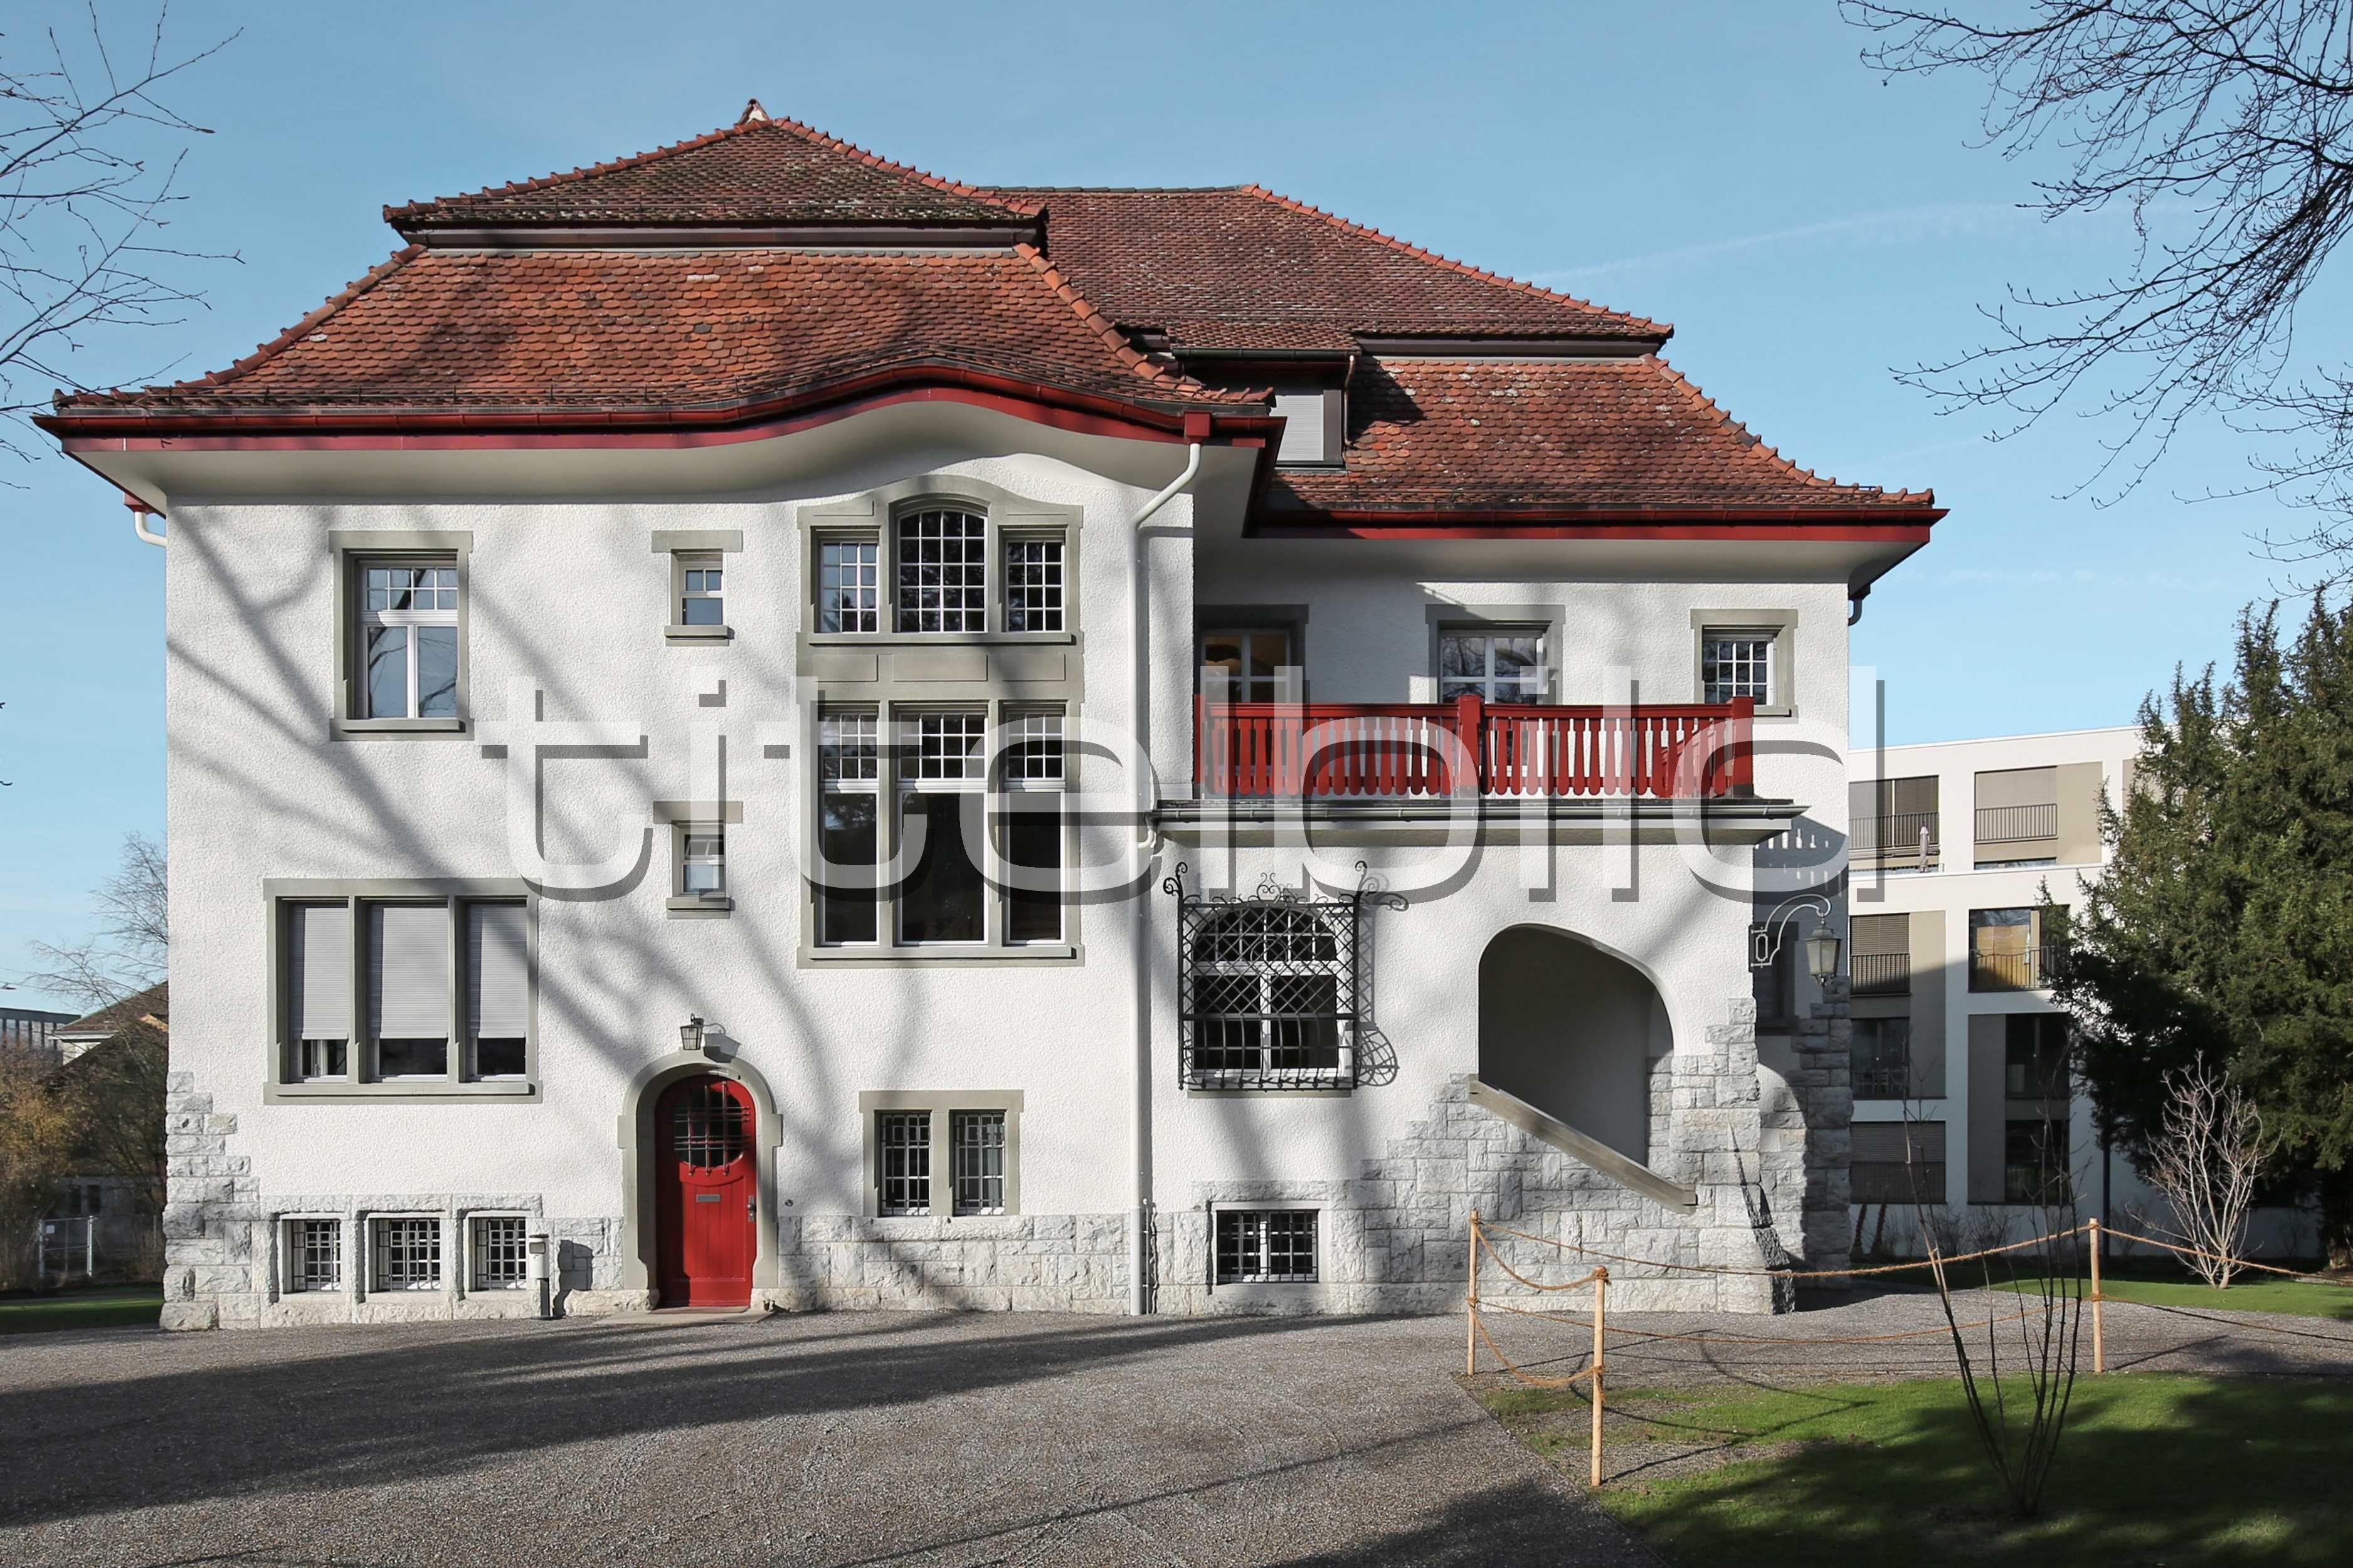 Das Projekt ist ein Haus aus rotem Backstein. Projekte und Layout eines Backsteinhauses 60